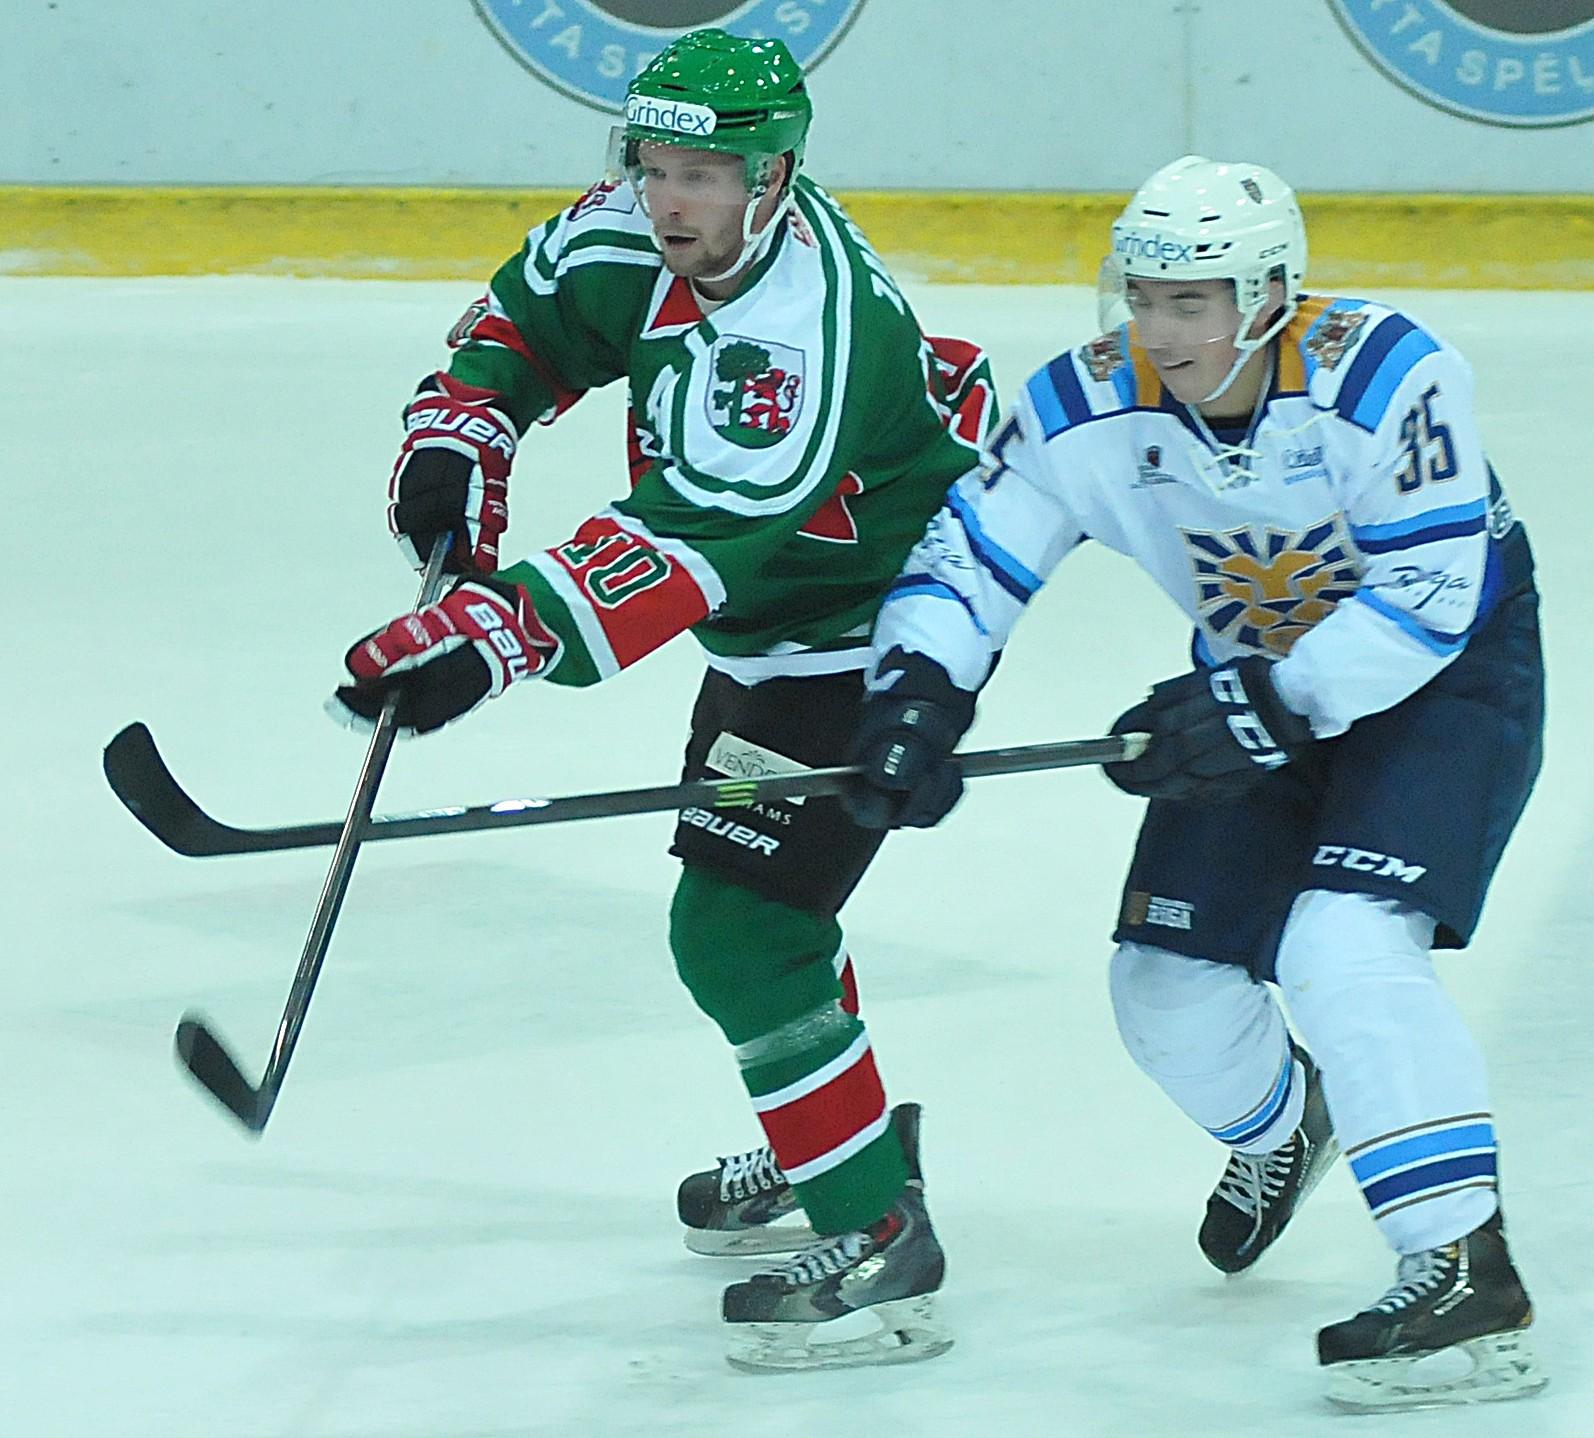 Liepājnieks iekļauts Latvijas izlases sastāvā